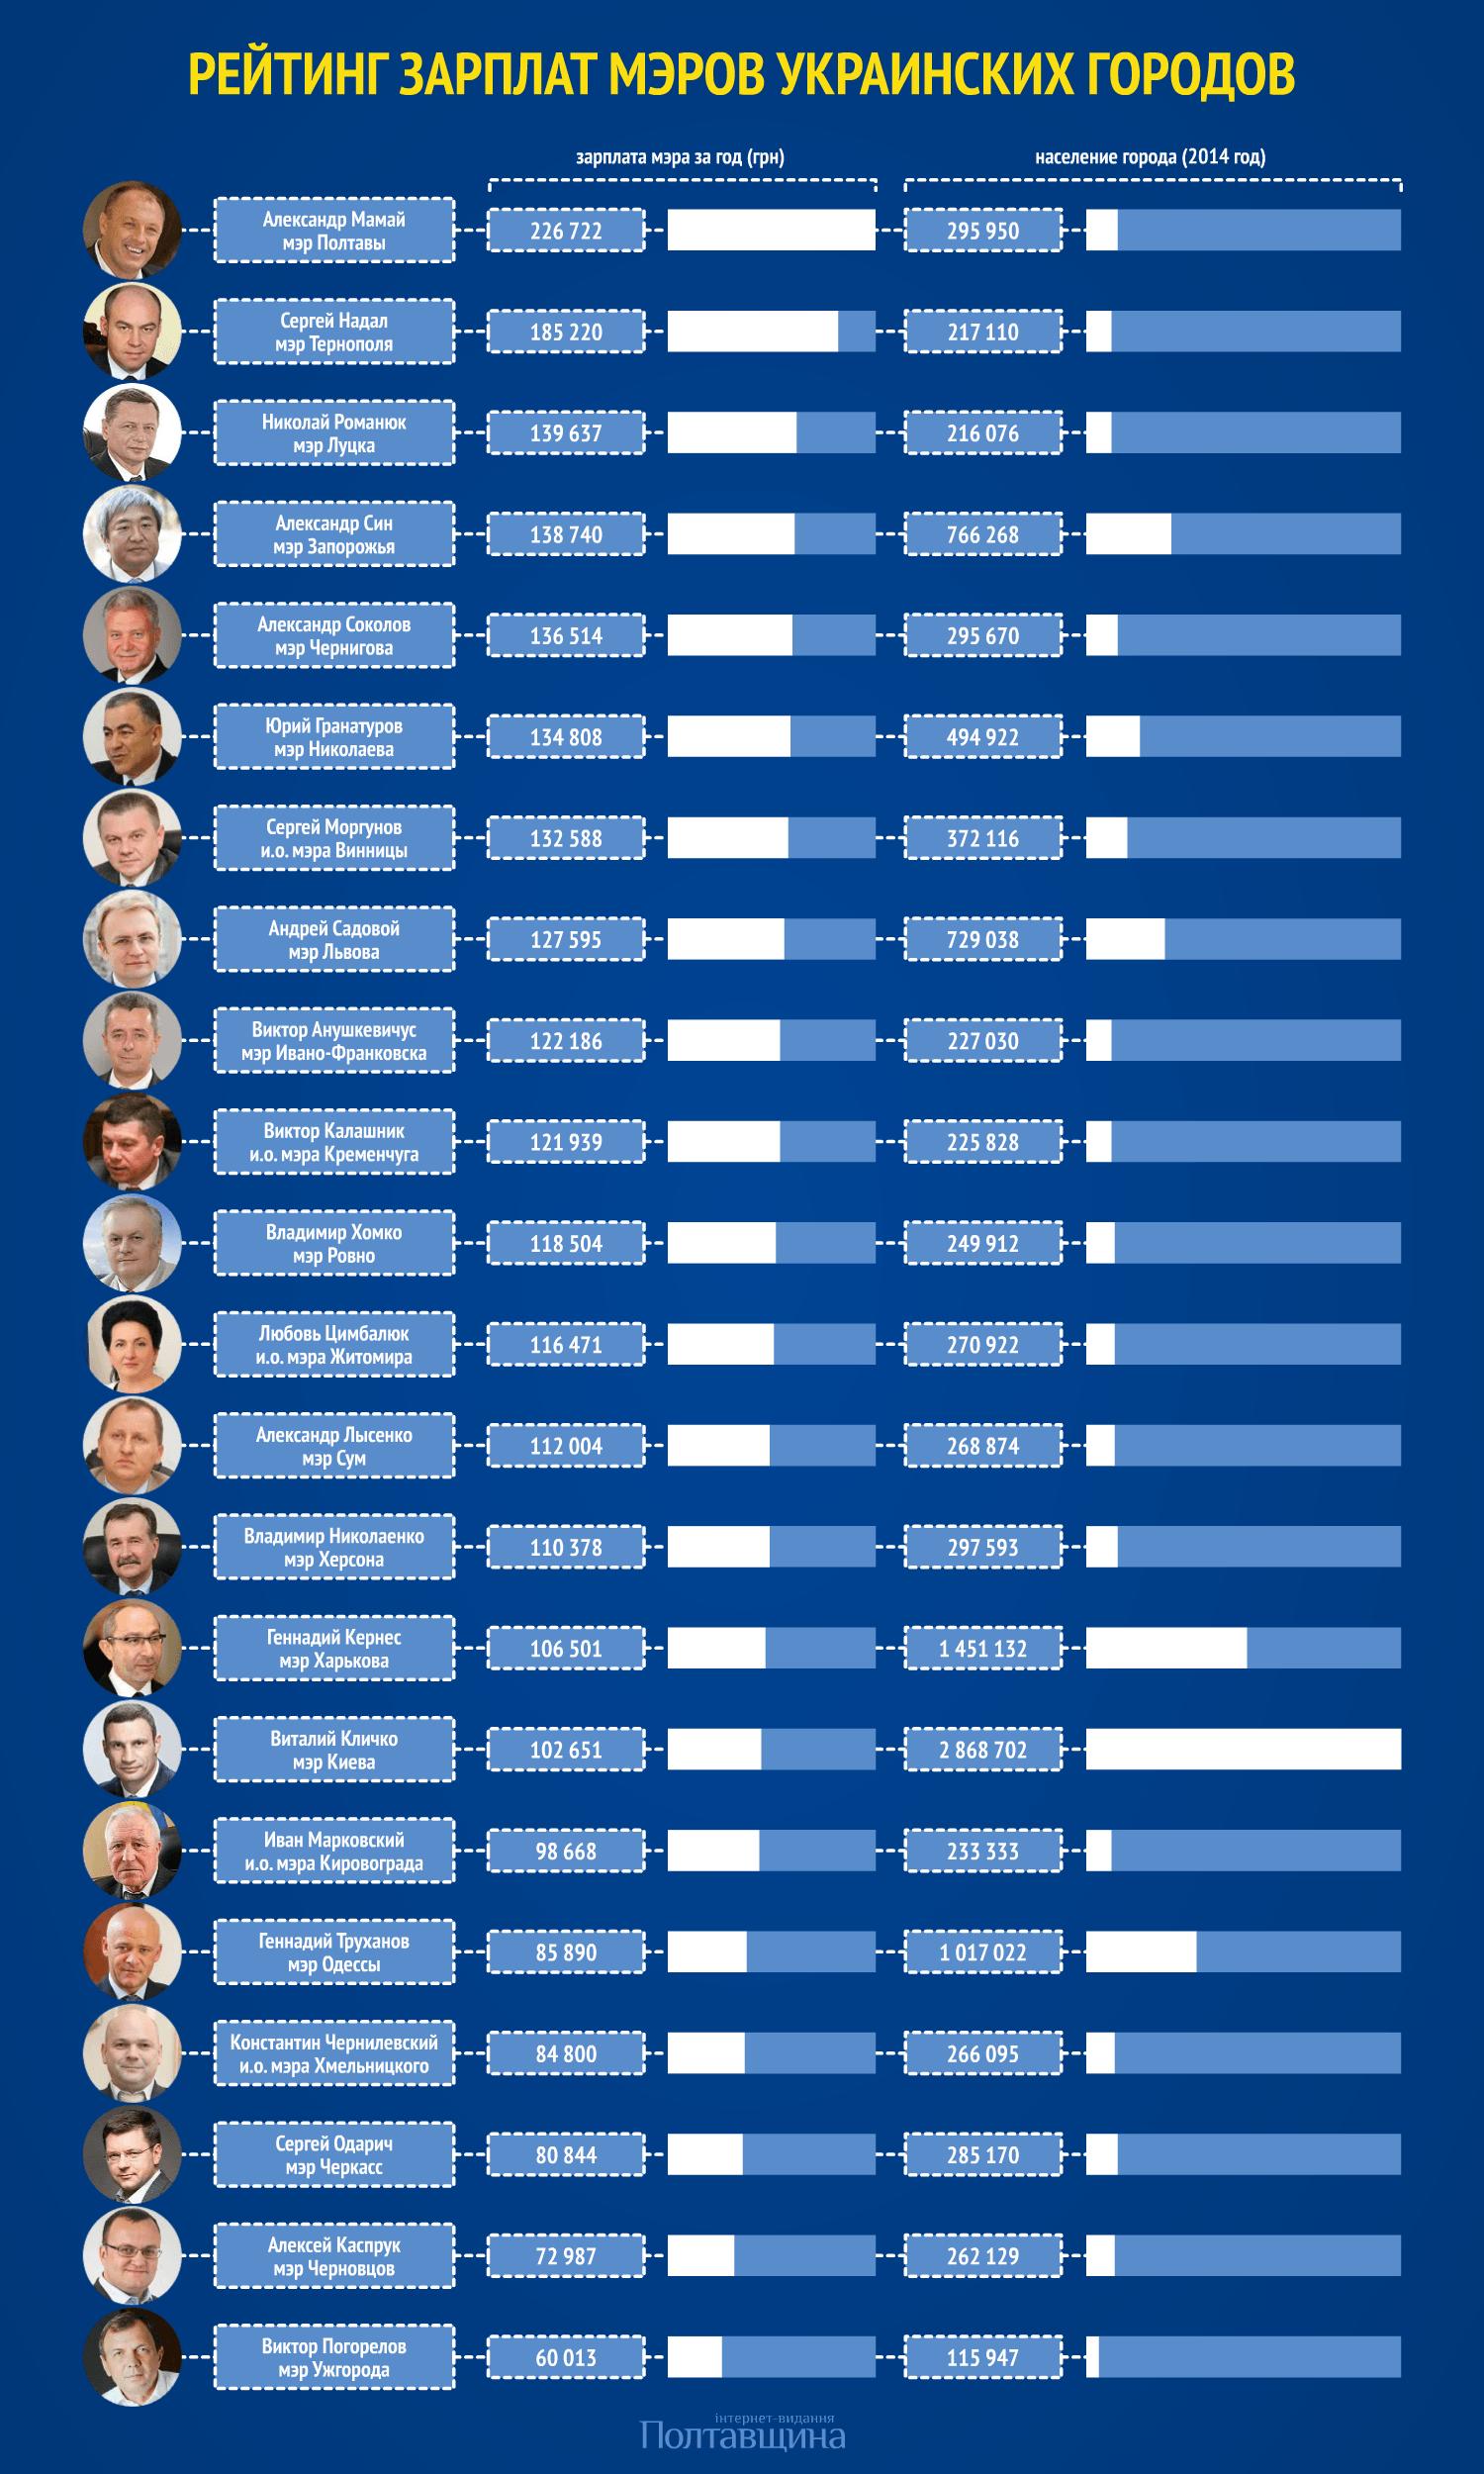 Рейтинг зарплат мэров украинских городов — 2014